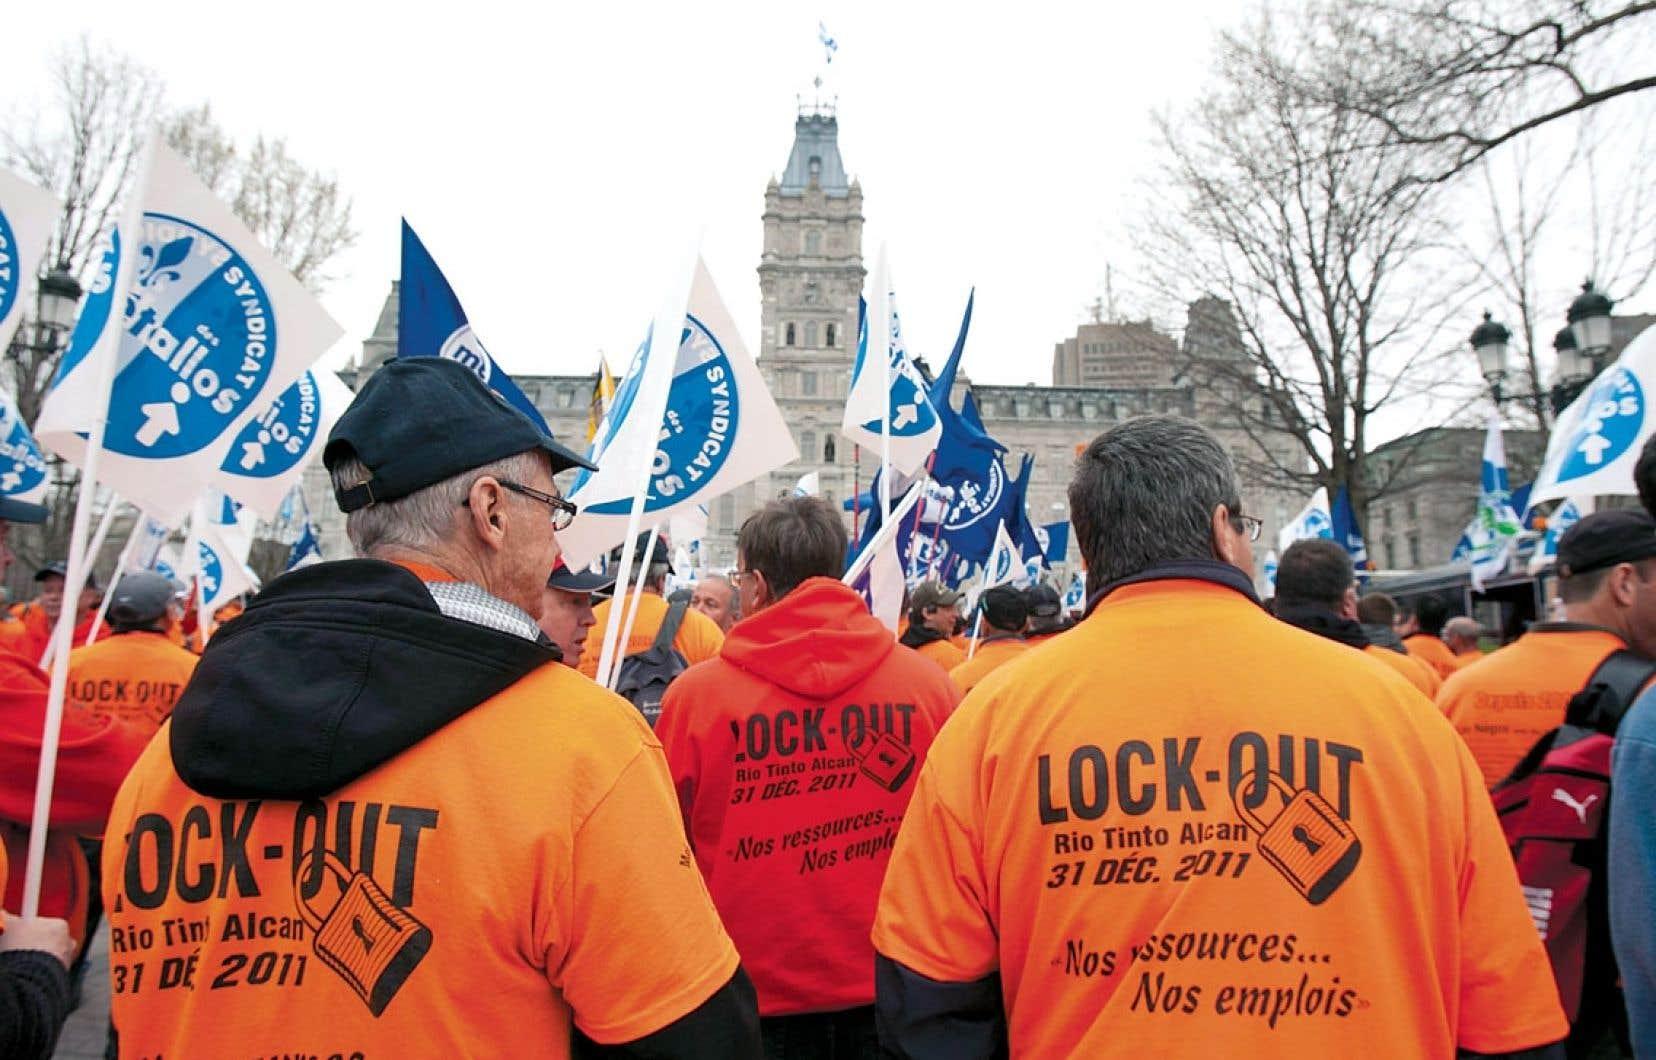 3 mai 2012: les travailleurs en lockout de Rio Tinto Alcan ont marché d'Alma jusqu'à Québec afin de manifester leur indignation du fait que la compagnie continuait de vendre ses surplus d'électricité à Hydro-Québec en dépit du conflit de travail en cours.